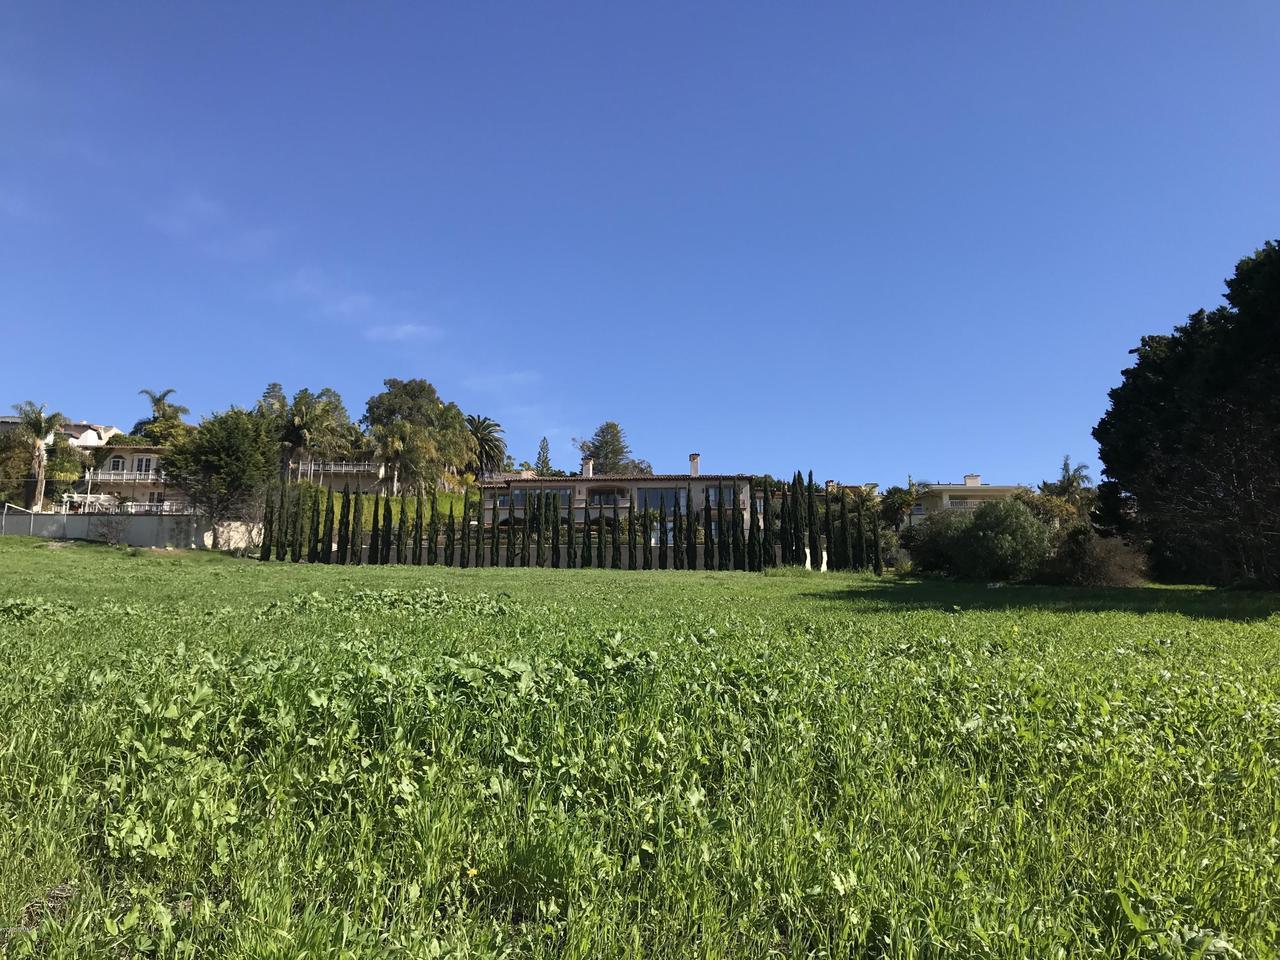 1524 VIA FERNANDEZ, Palos Verdes Estates, CA 90274 - wiley lot 3